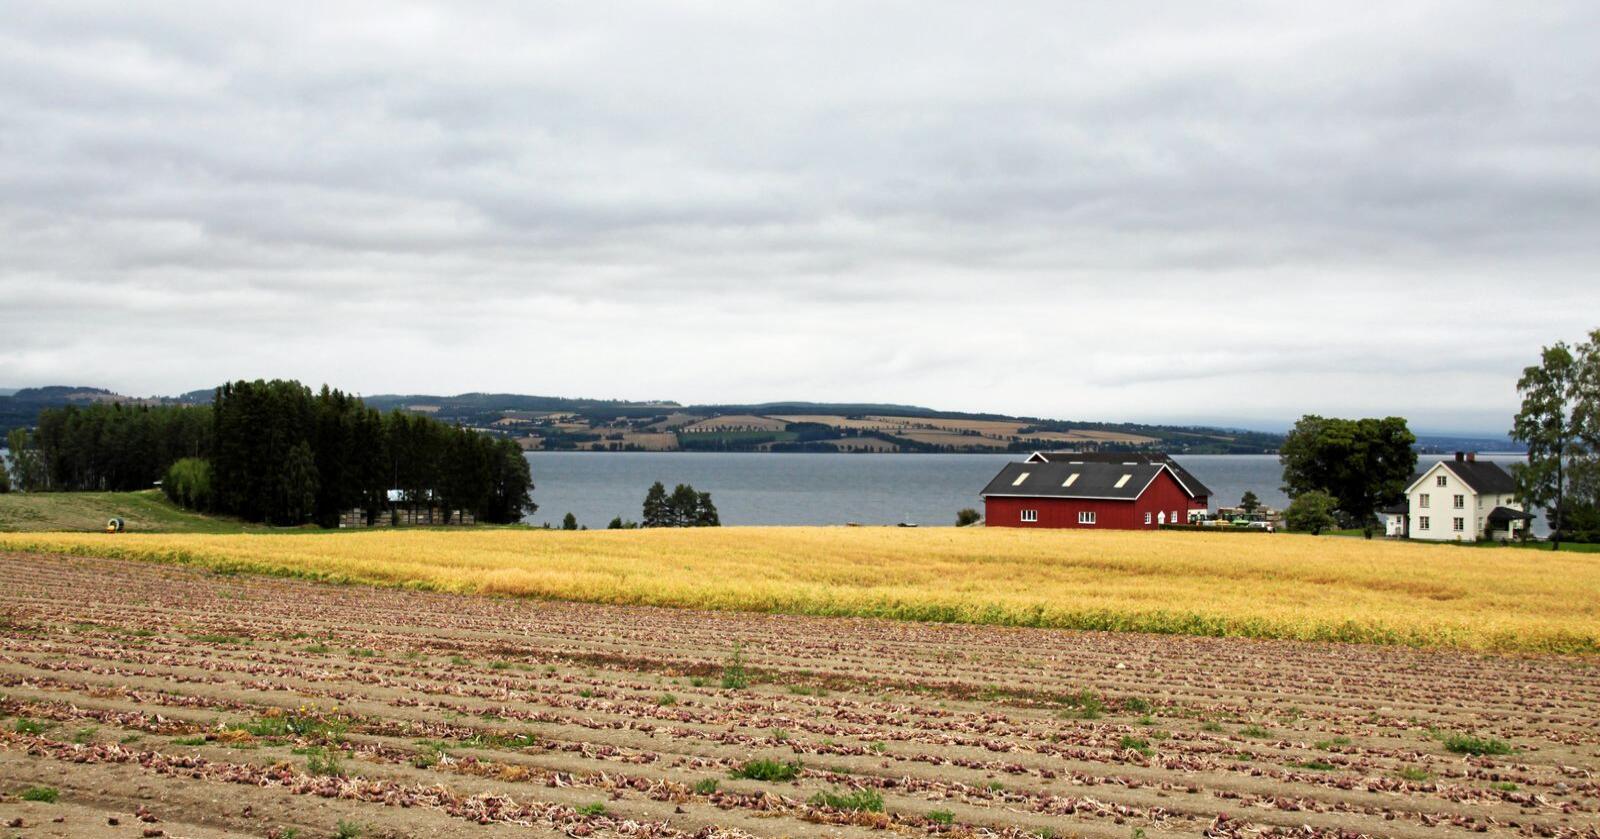 Det er mye grønnsaksproduksjon i Østre Toten. Bildet er fra tørkesommeren i 2018. Foto: Lars Bilit Hagen